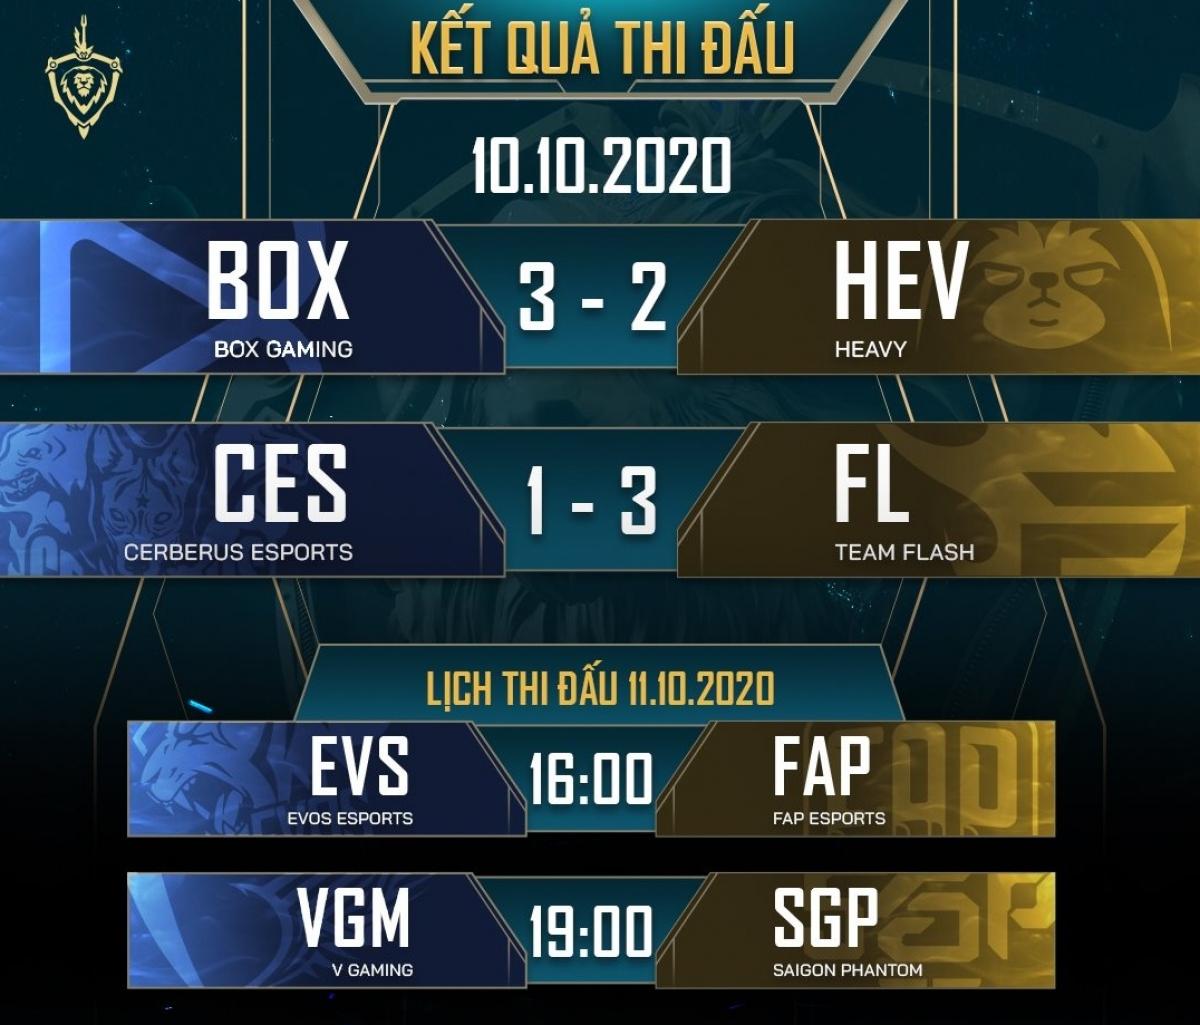 Kết quả ngày thi đấu đầu tiên của vòng 13 Đấu trường Danh vọng mùa Đông 2020 và lịch thi đấu ngày tiếp theo. (Ảnh: Cao thủ Liên quân).